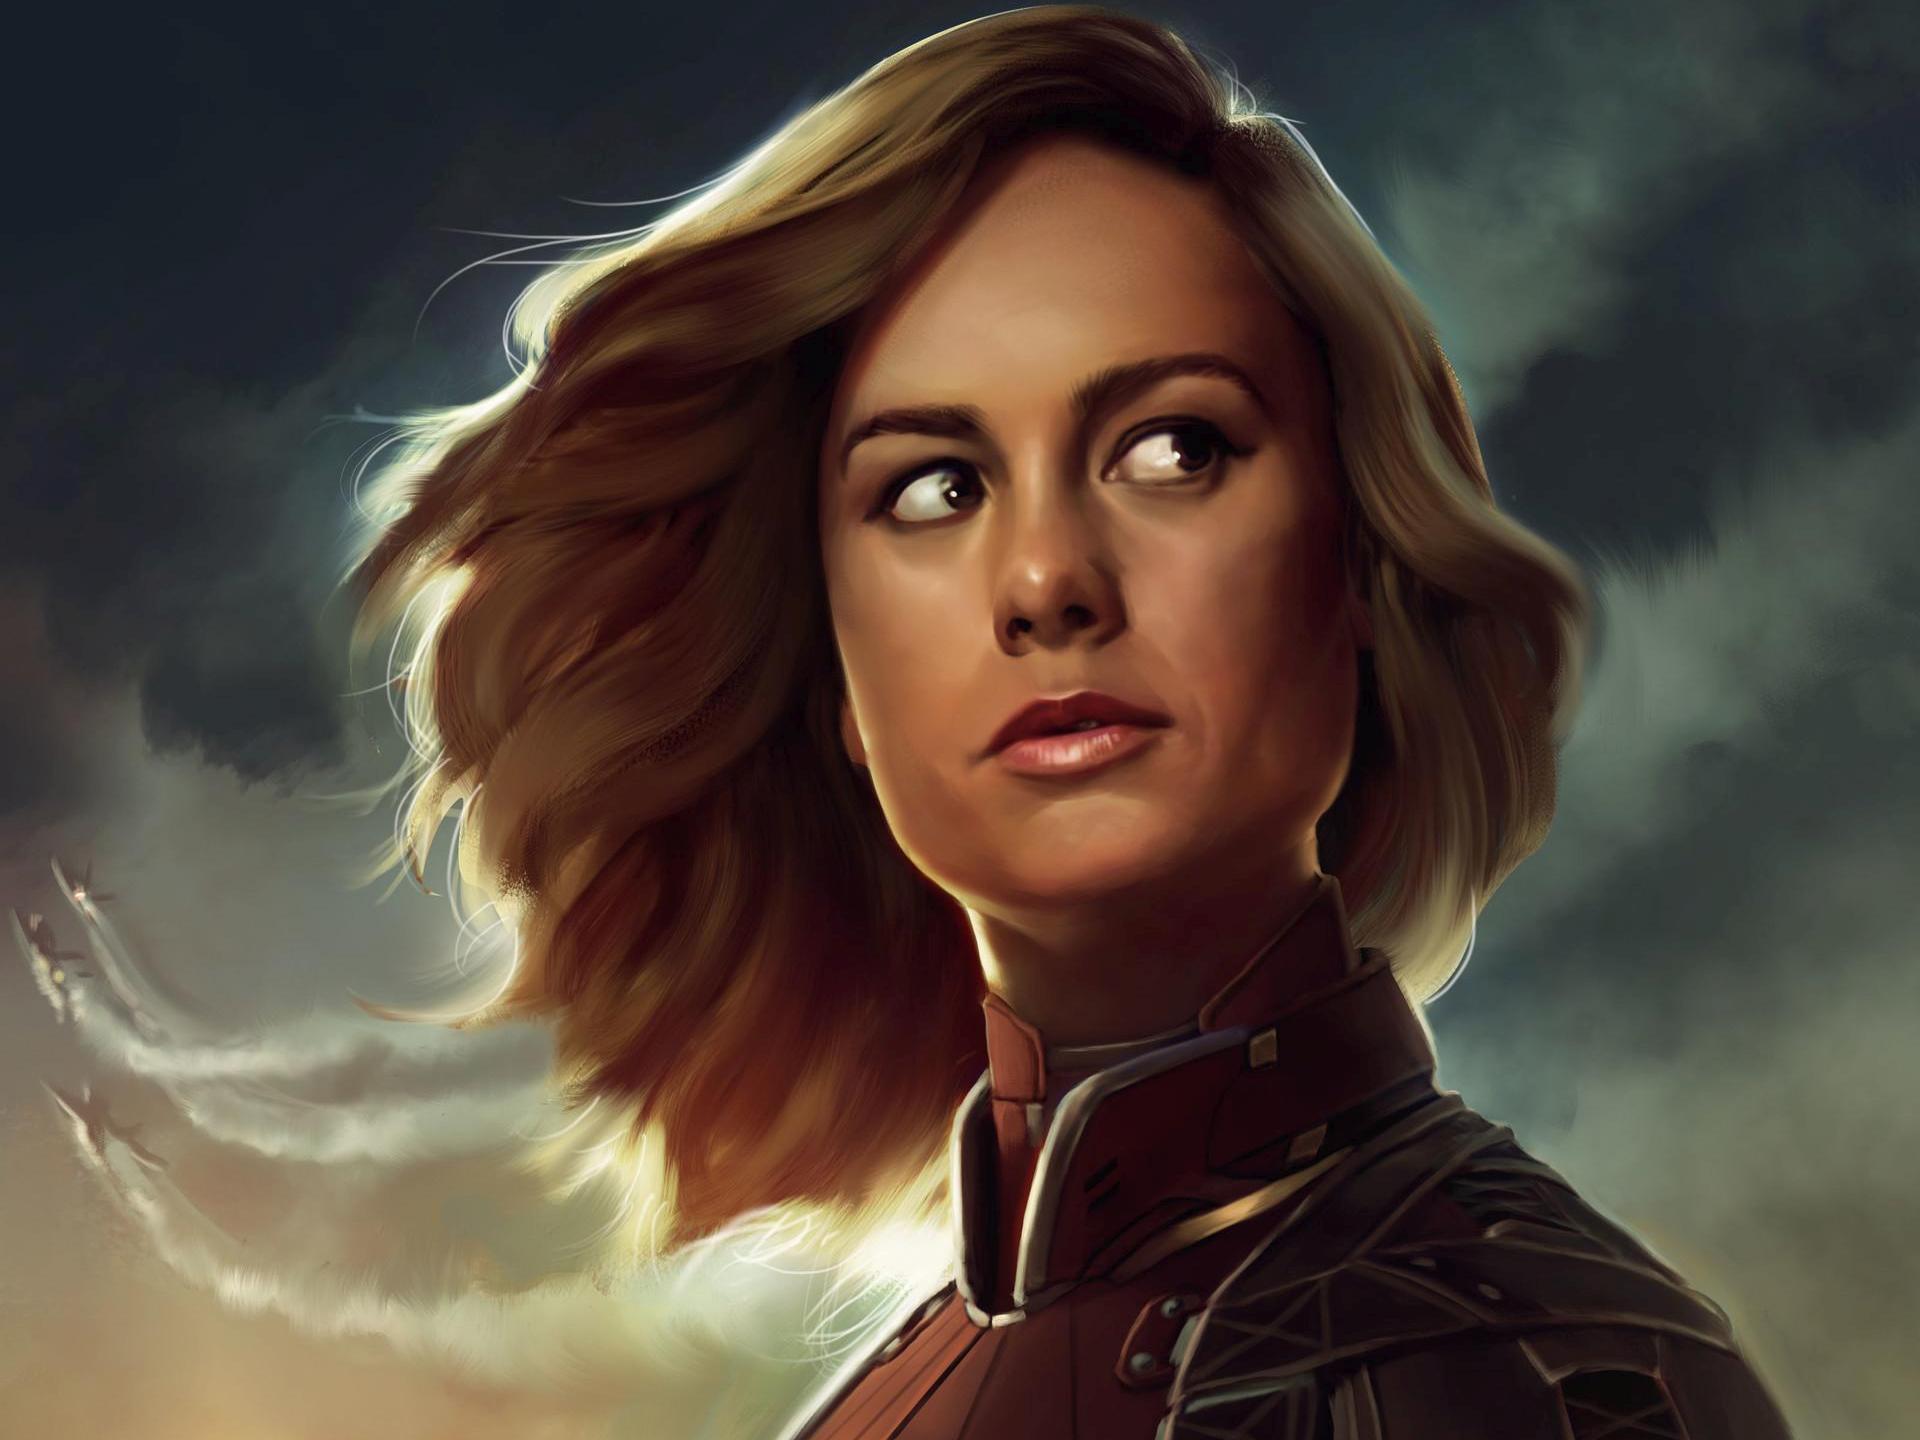 Download Wallpaper Marvel Portrait - brie-larson-captain-marvel-artwork-gv  Image_559875.jpg